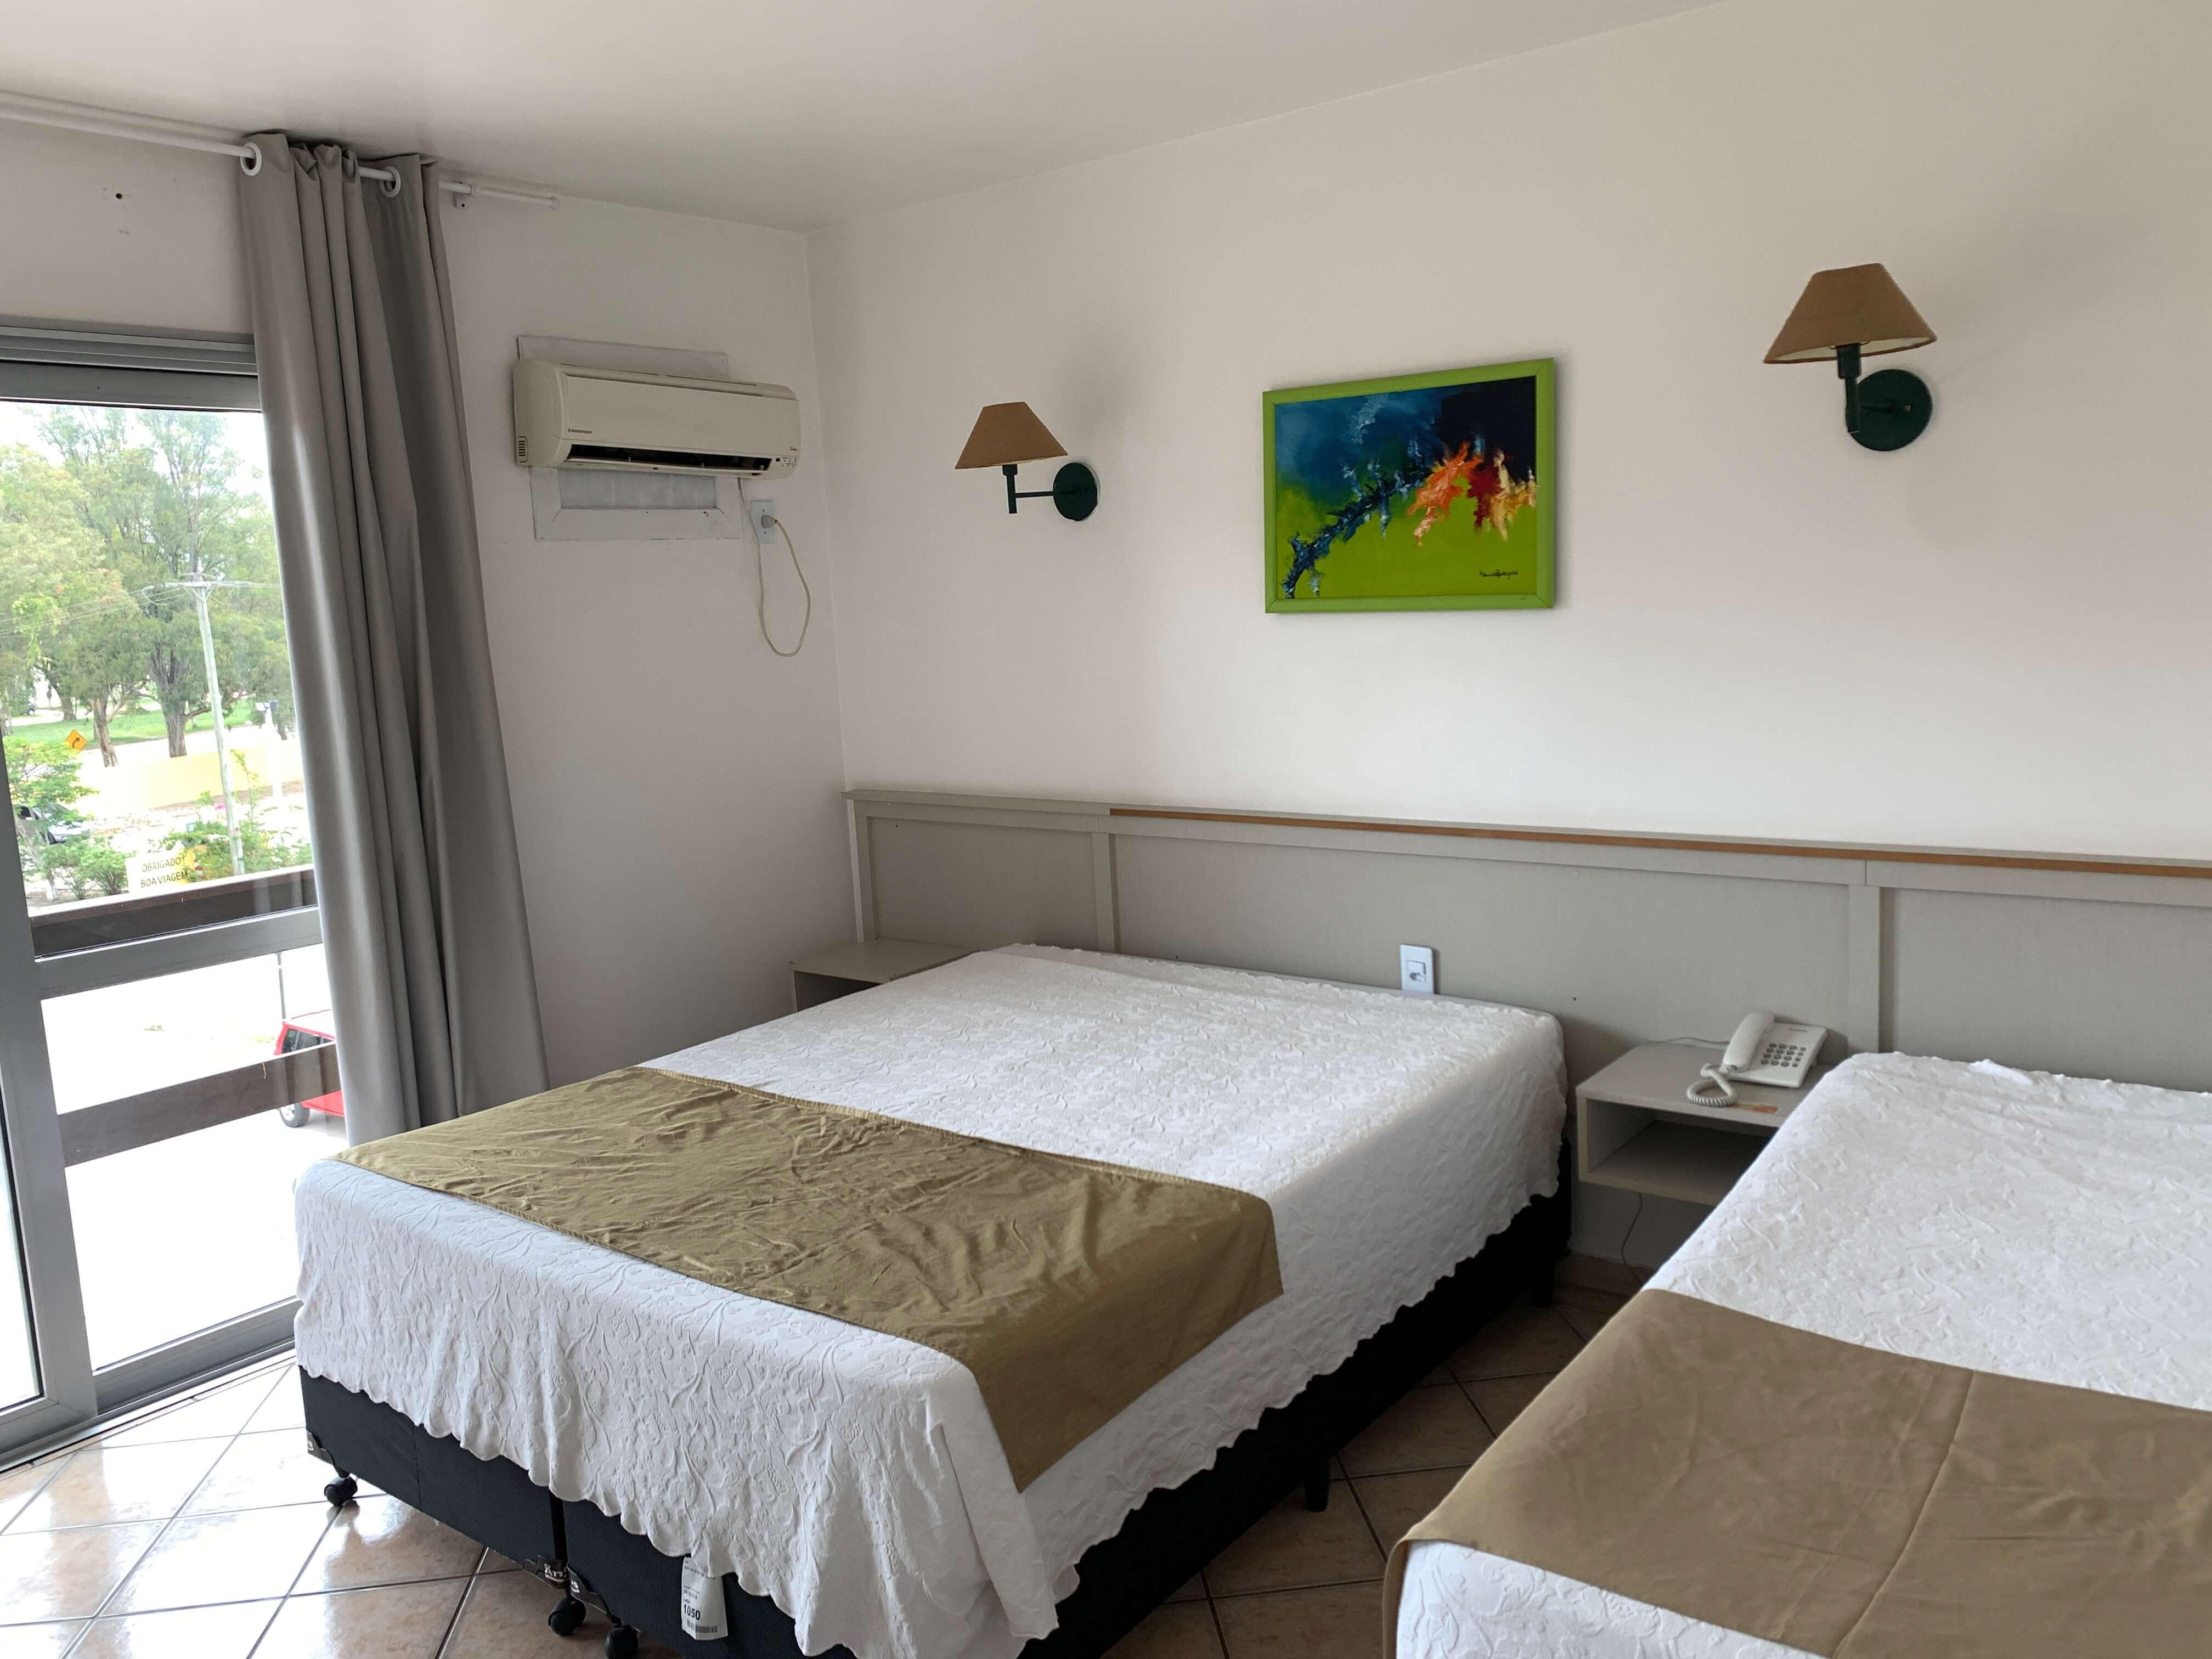 Quarto do hotel Bertelli, com duas camas, quadro, luminária e ar condicionado